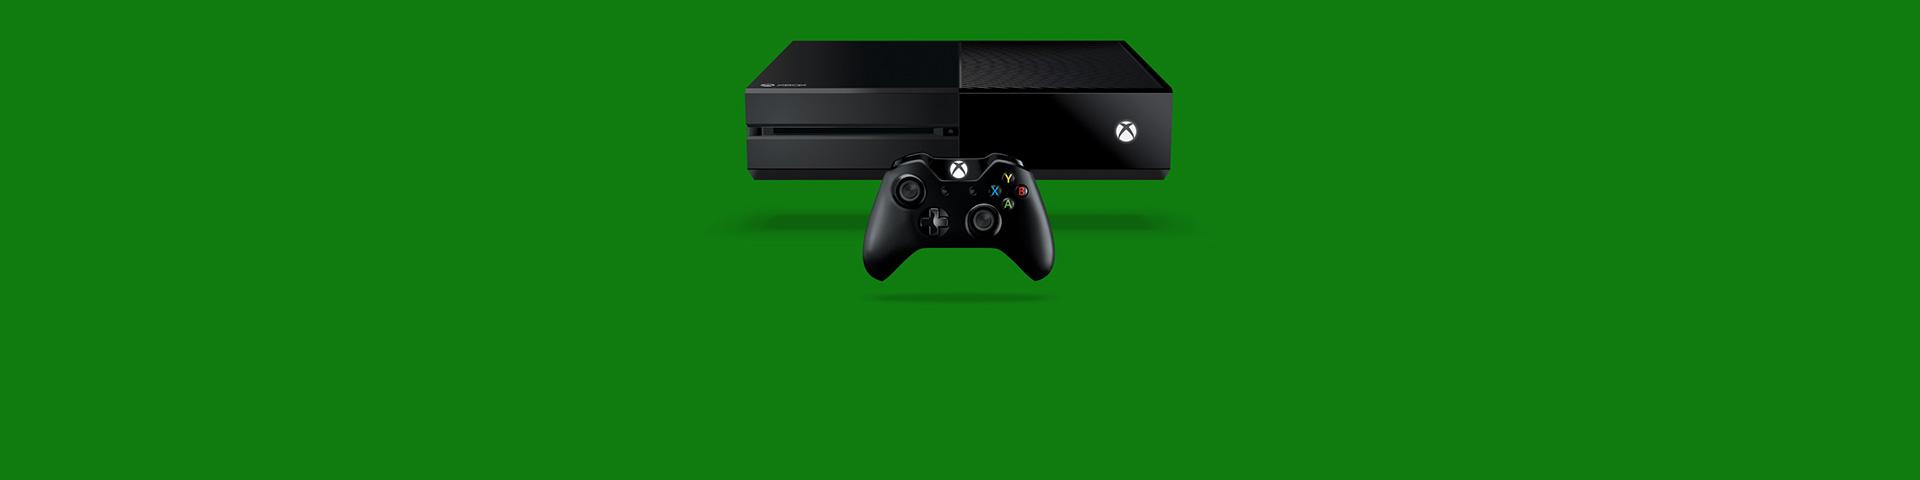 Bir Xbox One konsolu ve kumandası